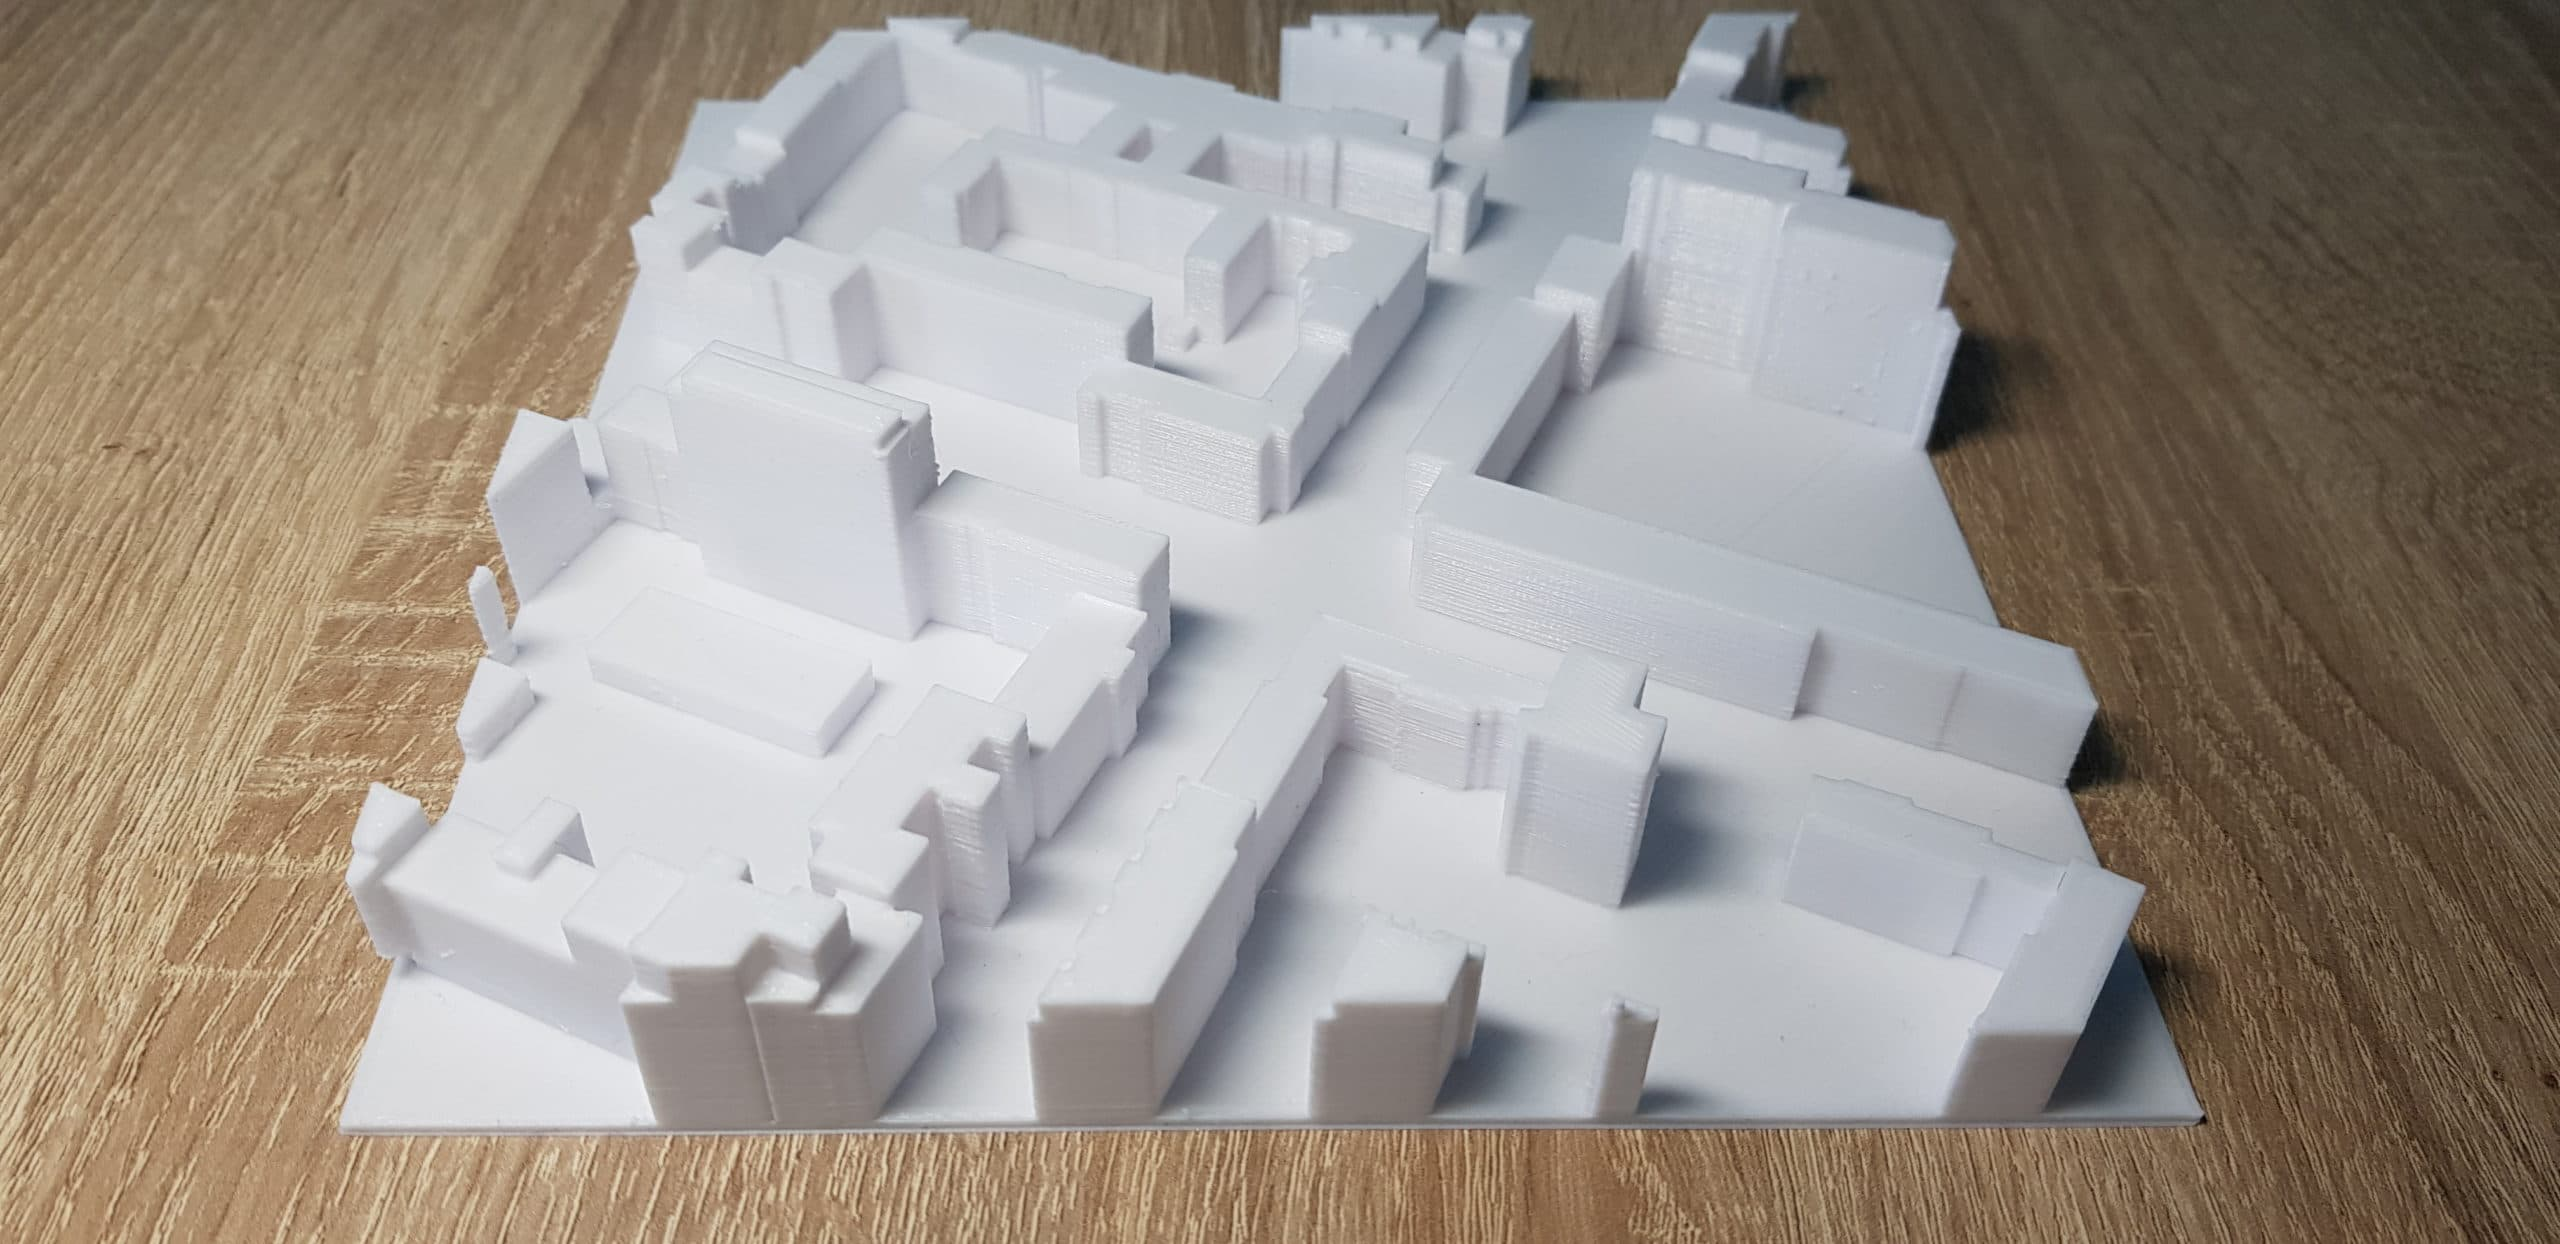 Additiv hergestelltes 3D-Element eines großen Stadtmodells.